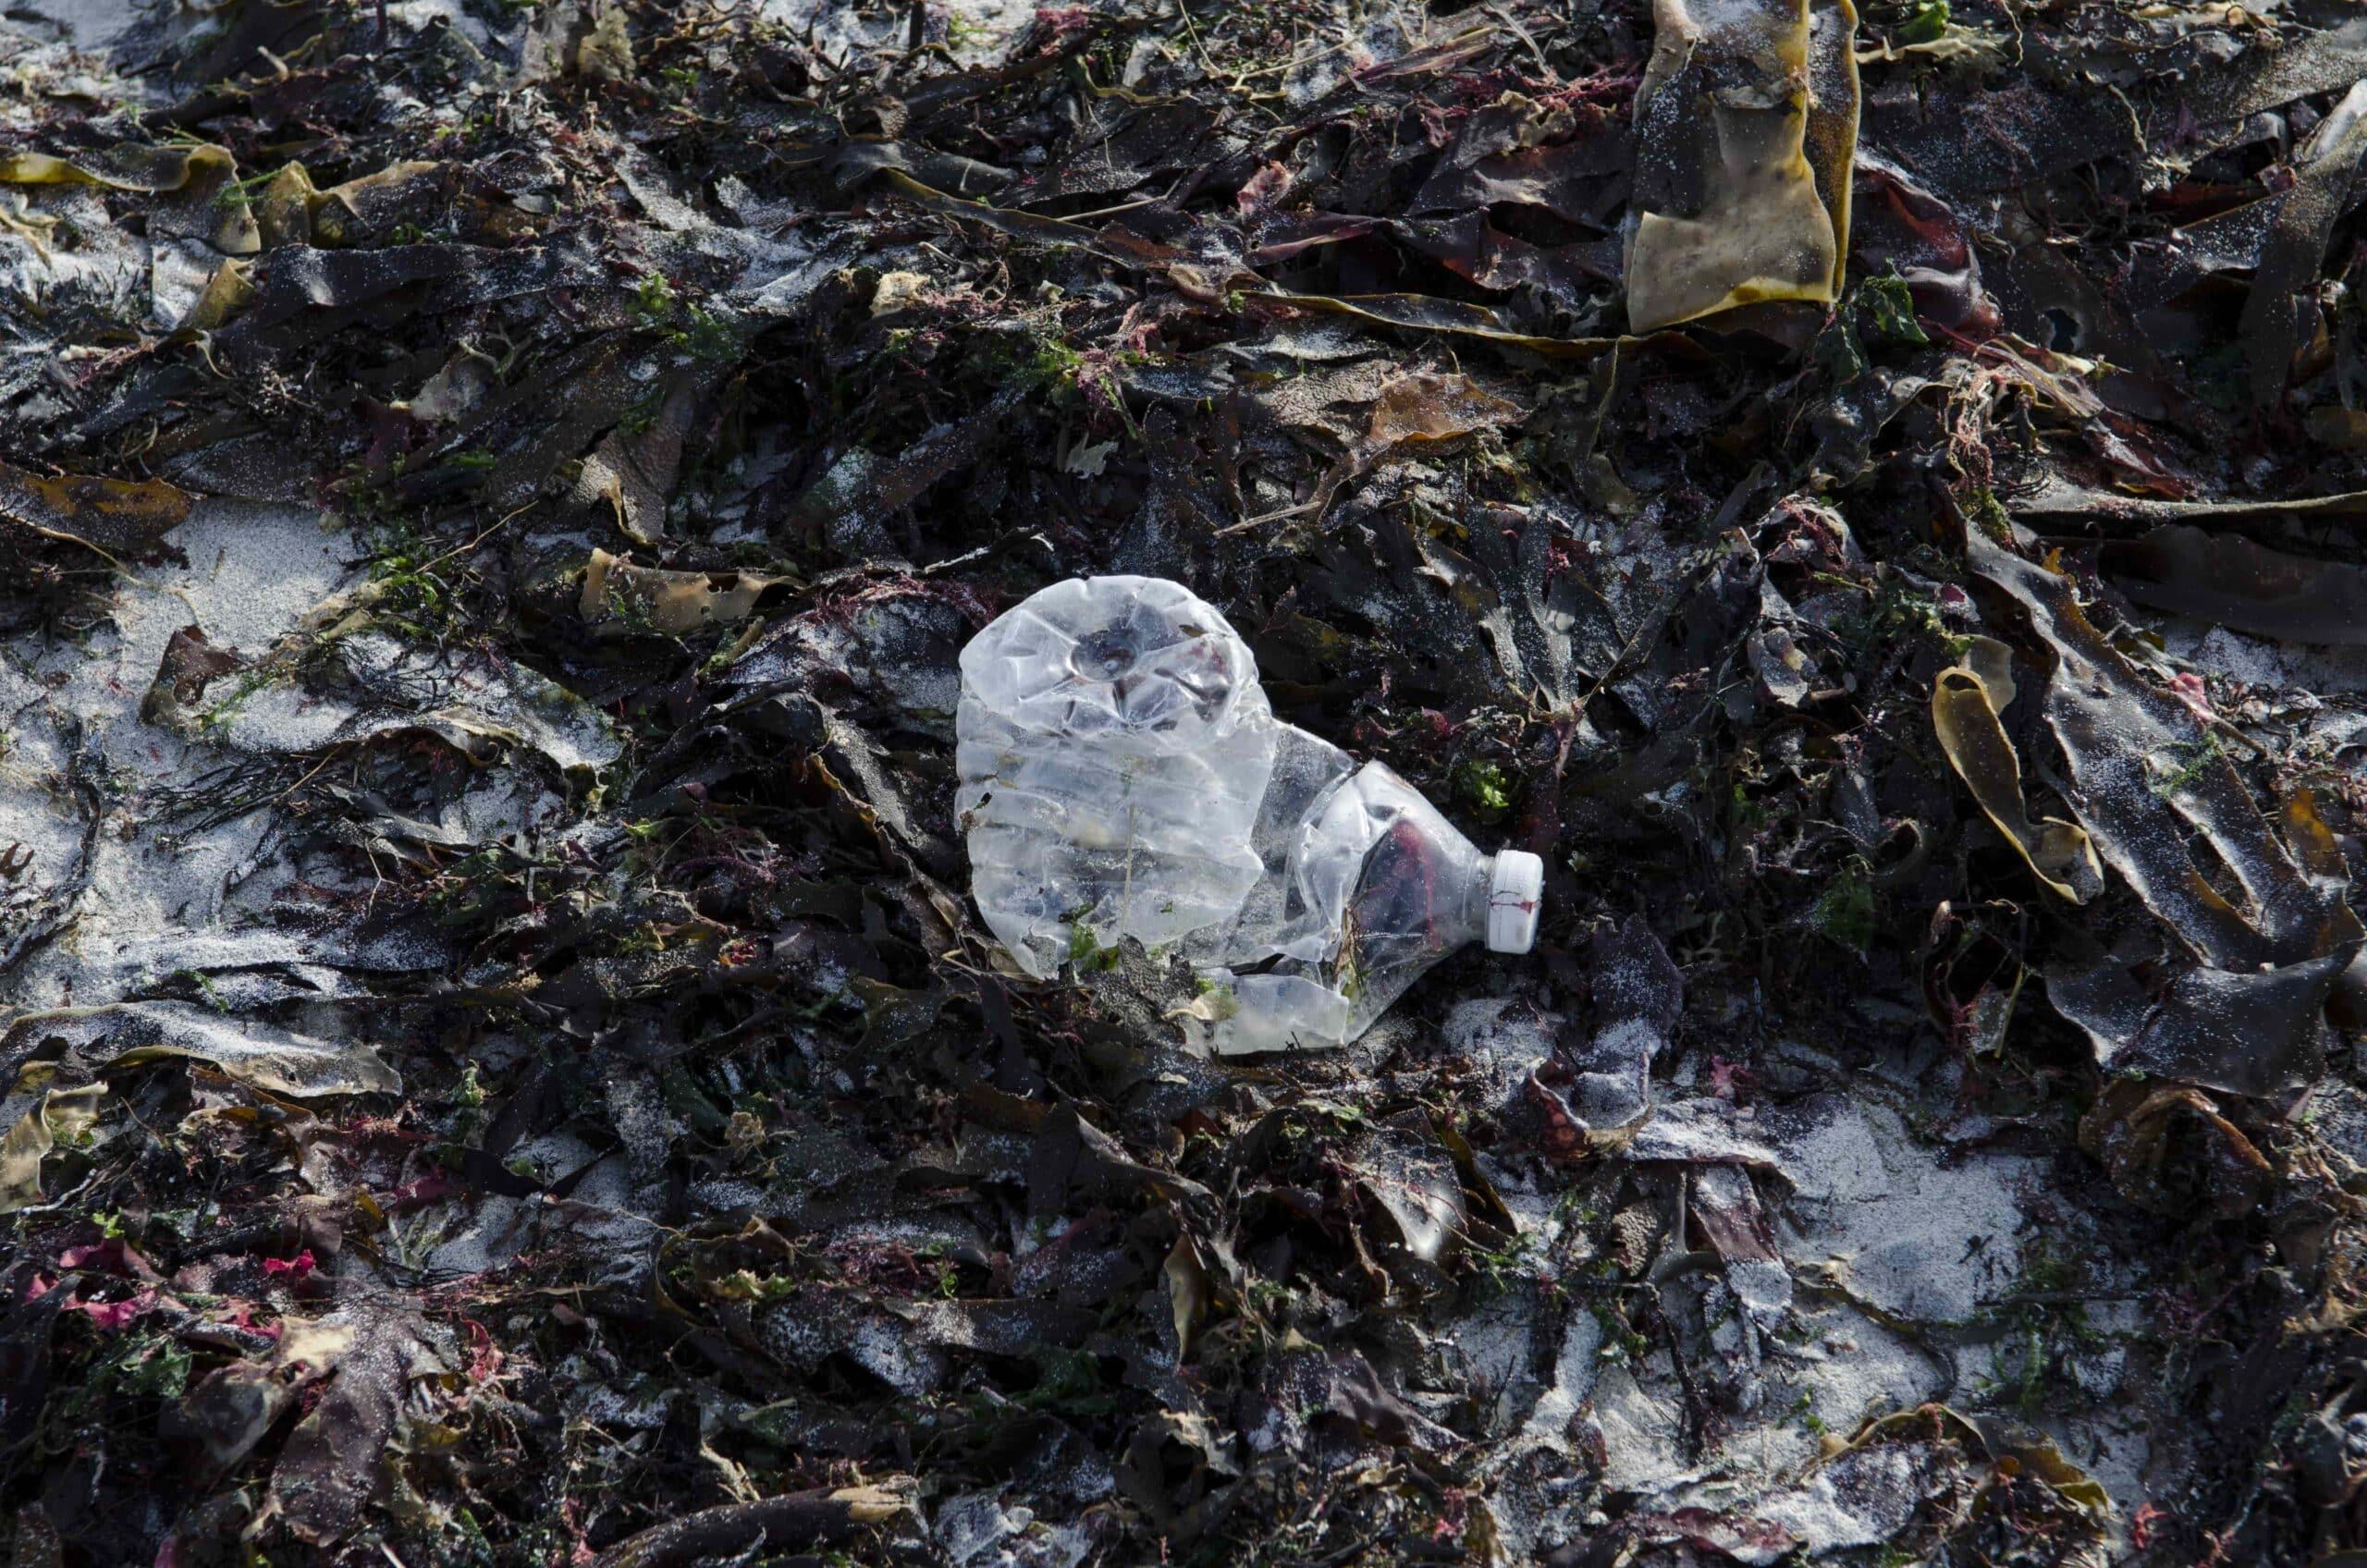 Déchets plastiques sur la plage - © Océanopolis